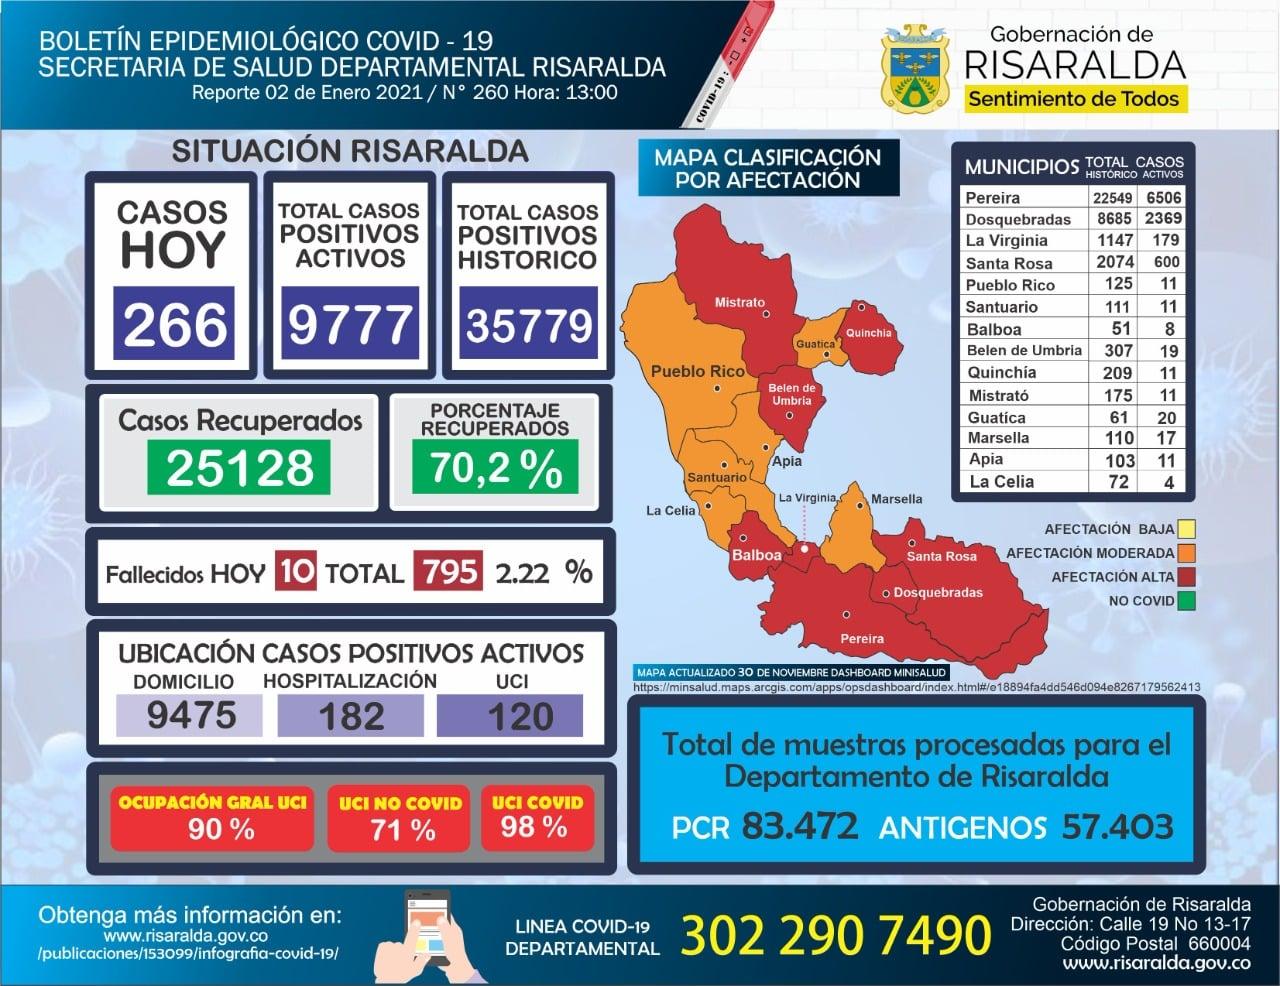 En Risaralda secretaría de Salud departamental dio a conocer que se registraron 266 nuevos casos positivos para COVID-19, también 10 personas fallecidas